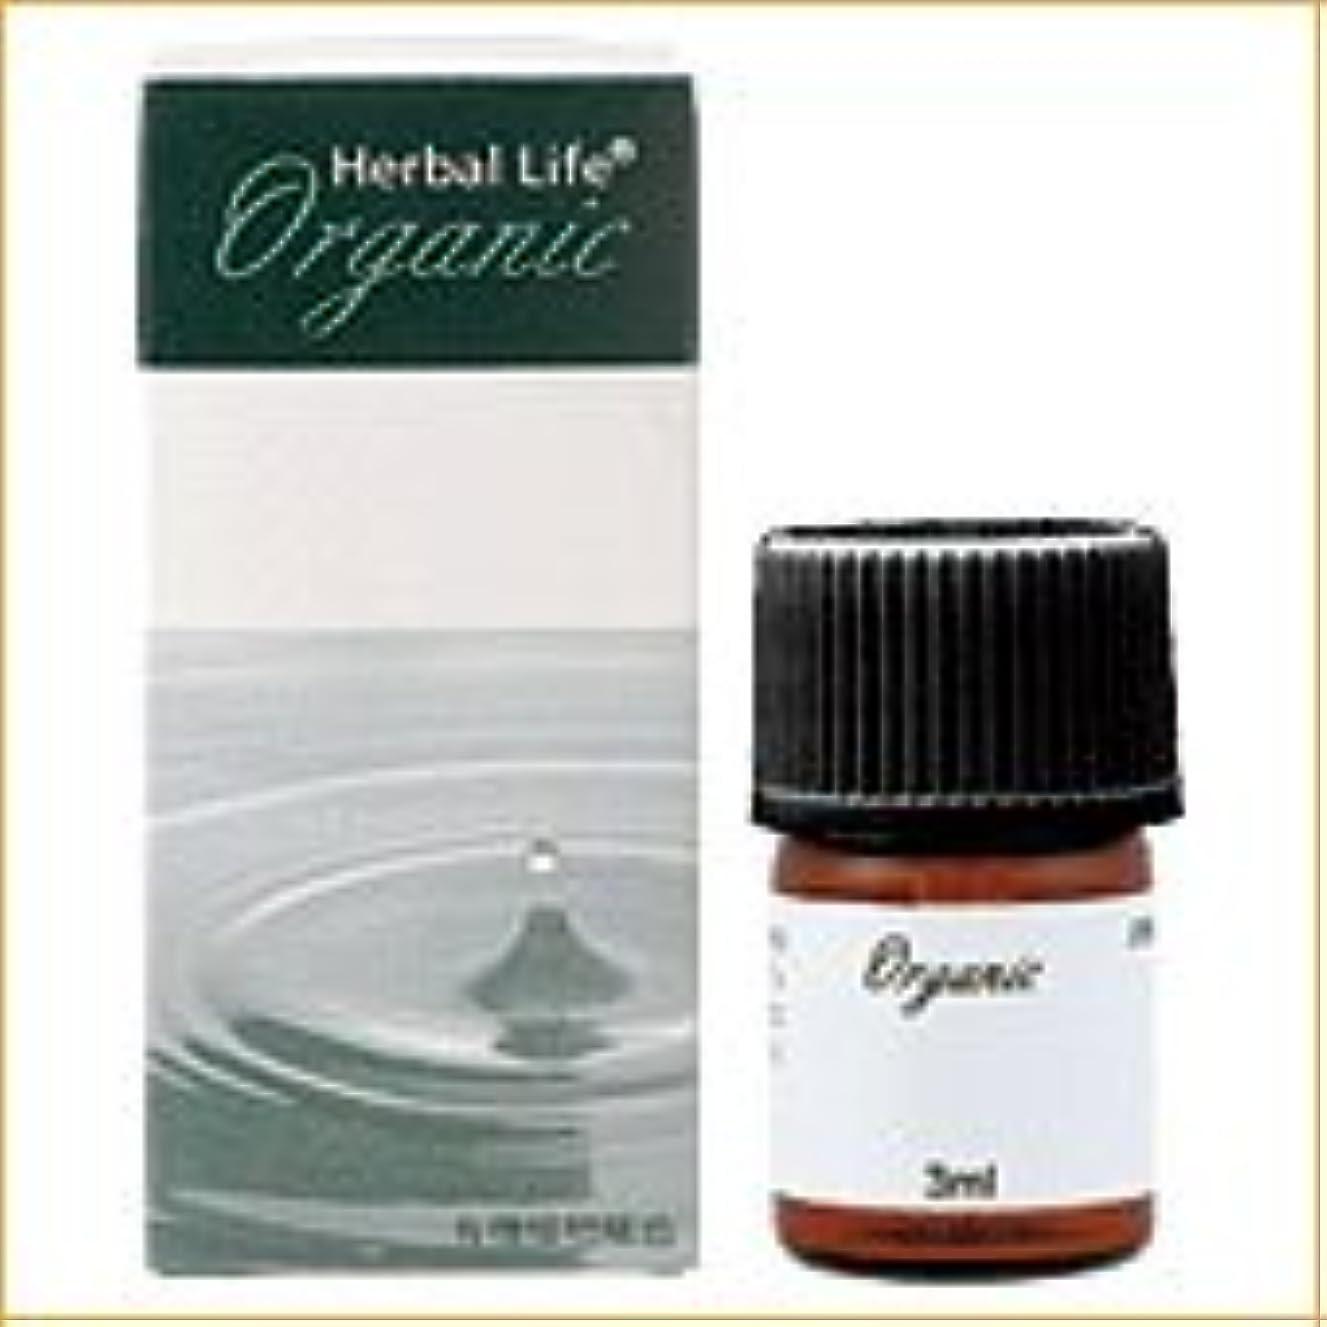 トラフエイリアス延期する生活の木 オーガニックエッセンシャルオイル ORG ジュニパー 精油 3ml (Tree of Life Organic Essential Oil/オーガニック エッセンシャルオイル)